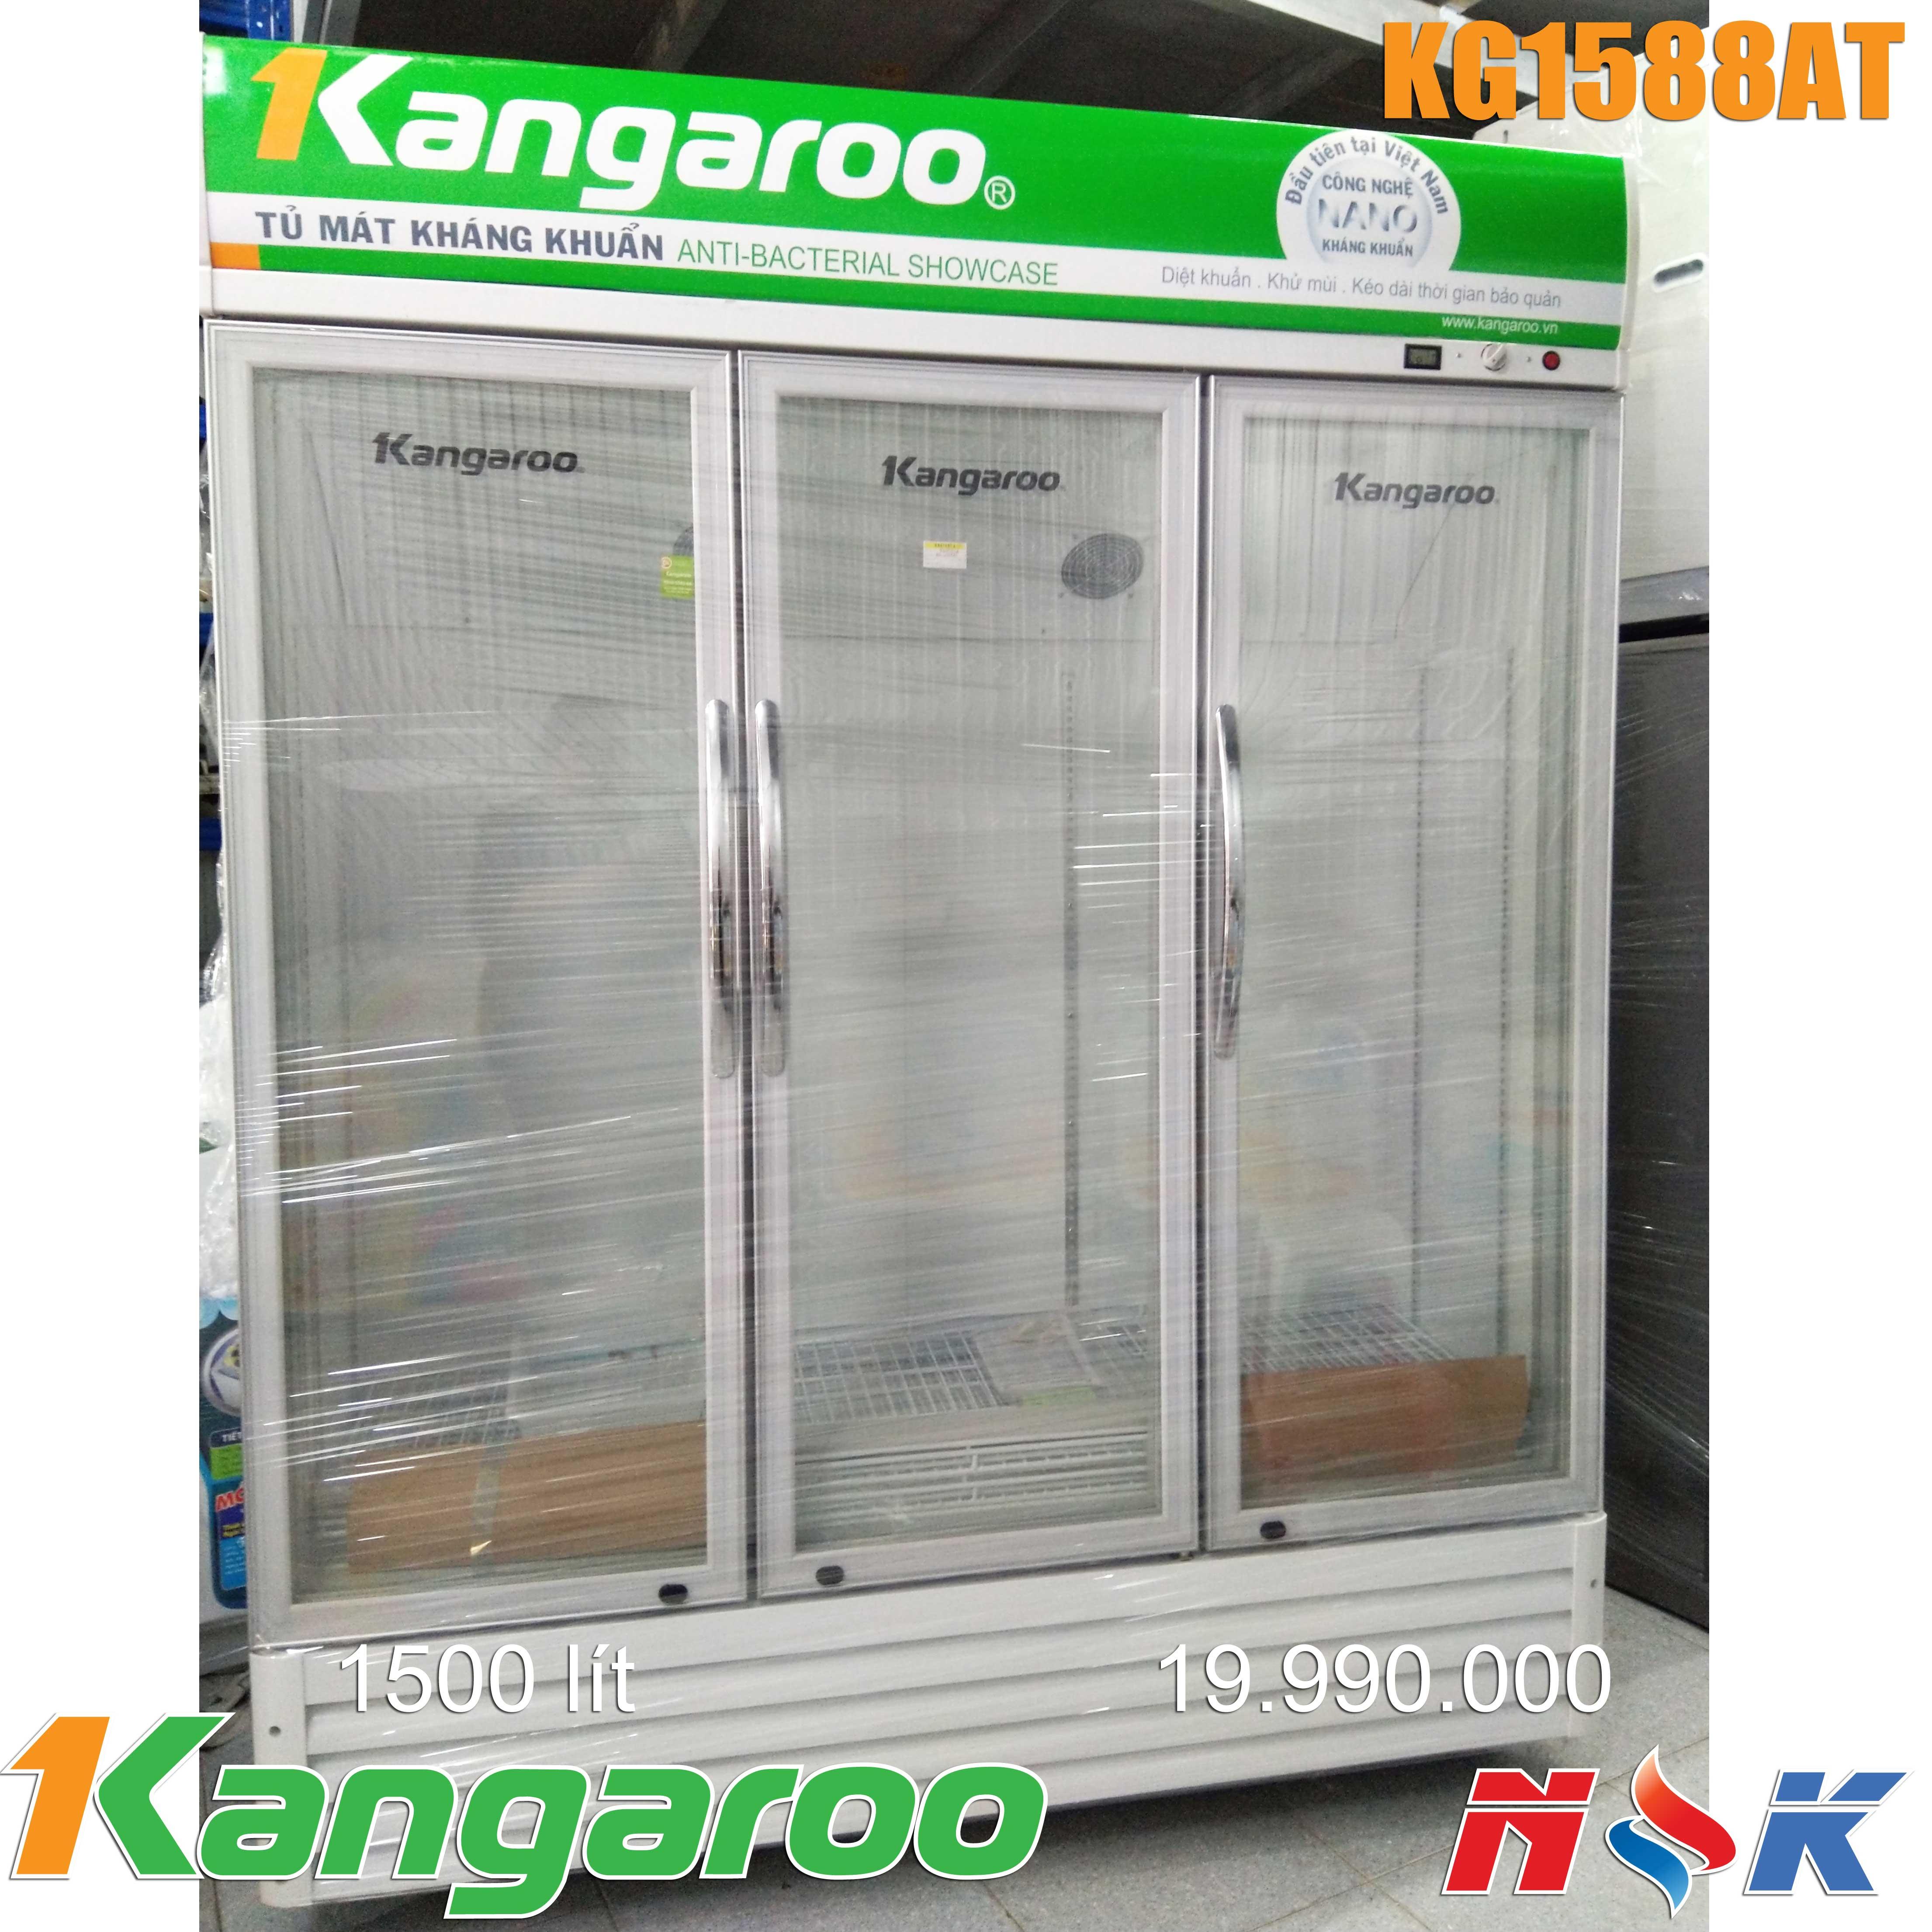 Tủ mát kháng khuẩn Kangaroo KG1588AT 1500 lít